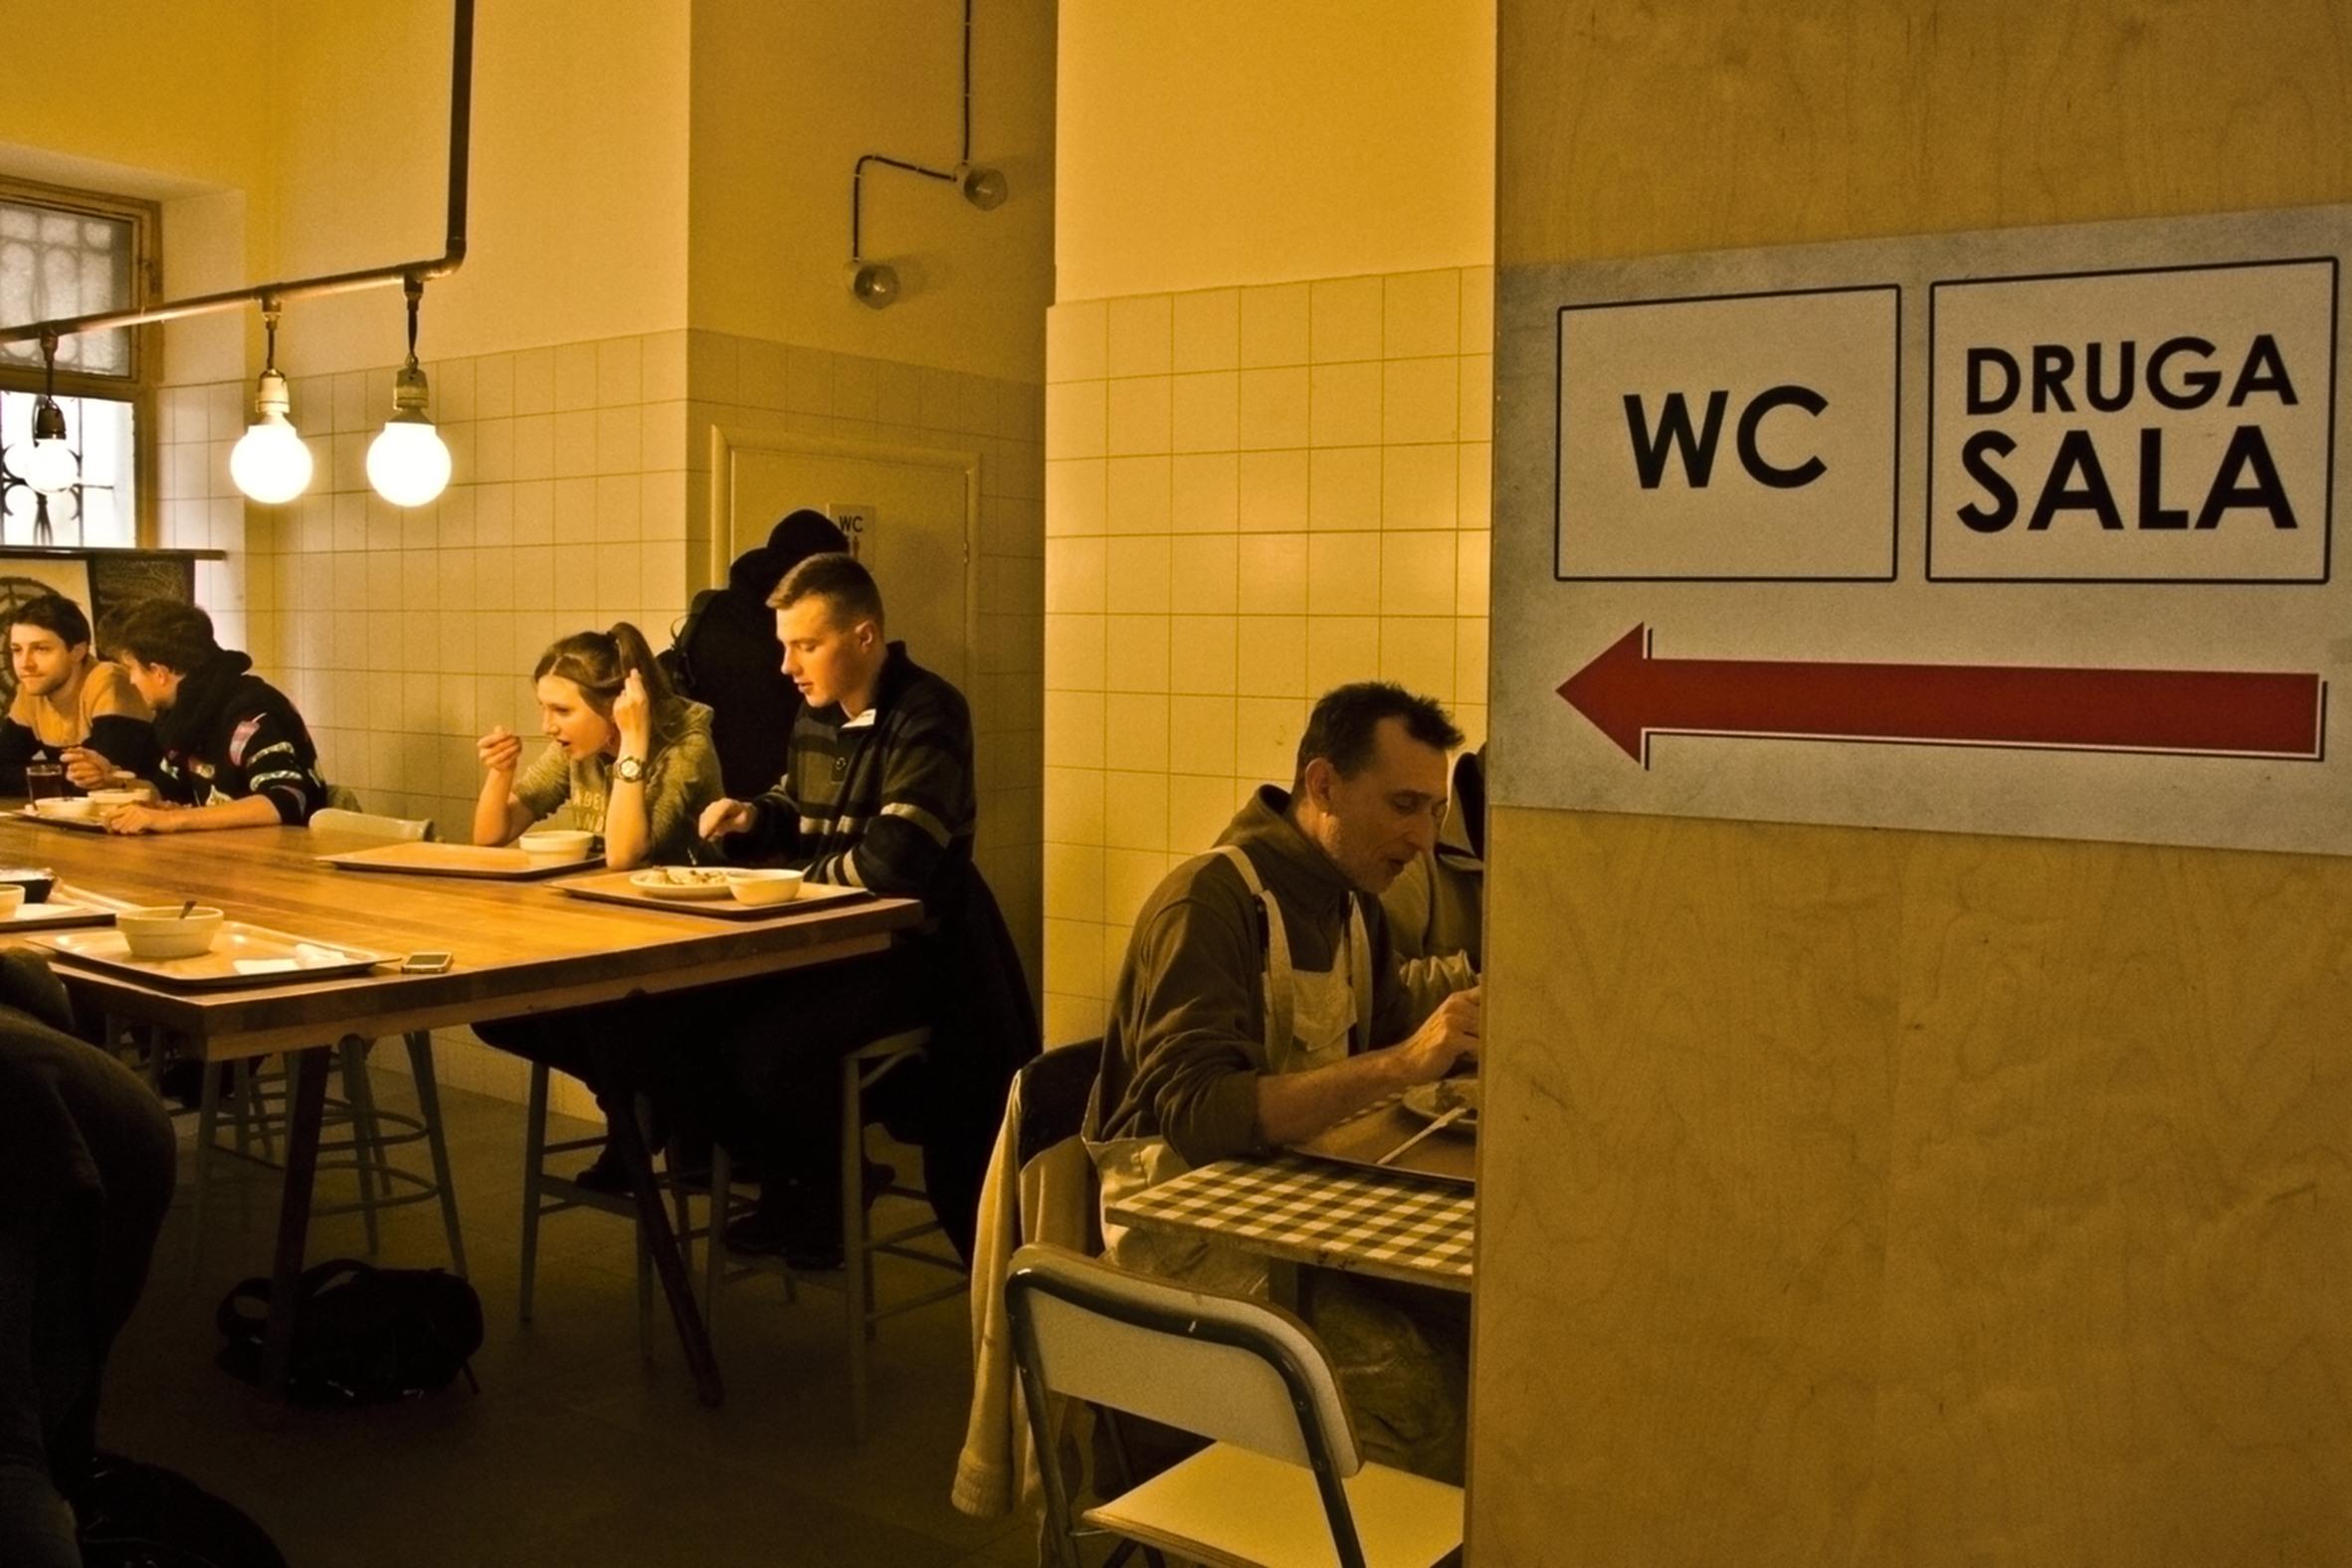 Návštěva polského mléčného baru je jako výlet do minulosti